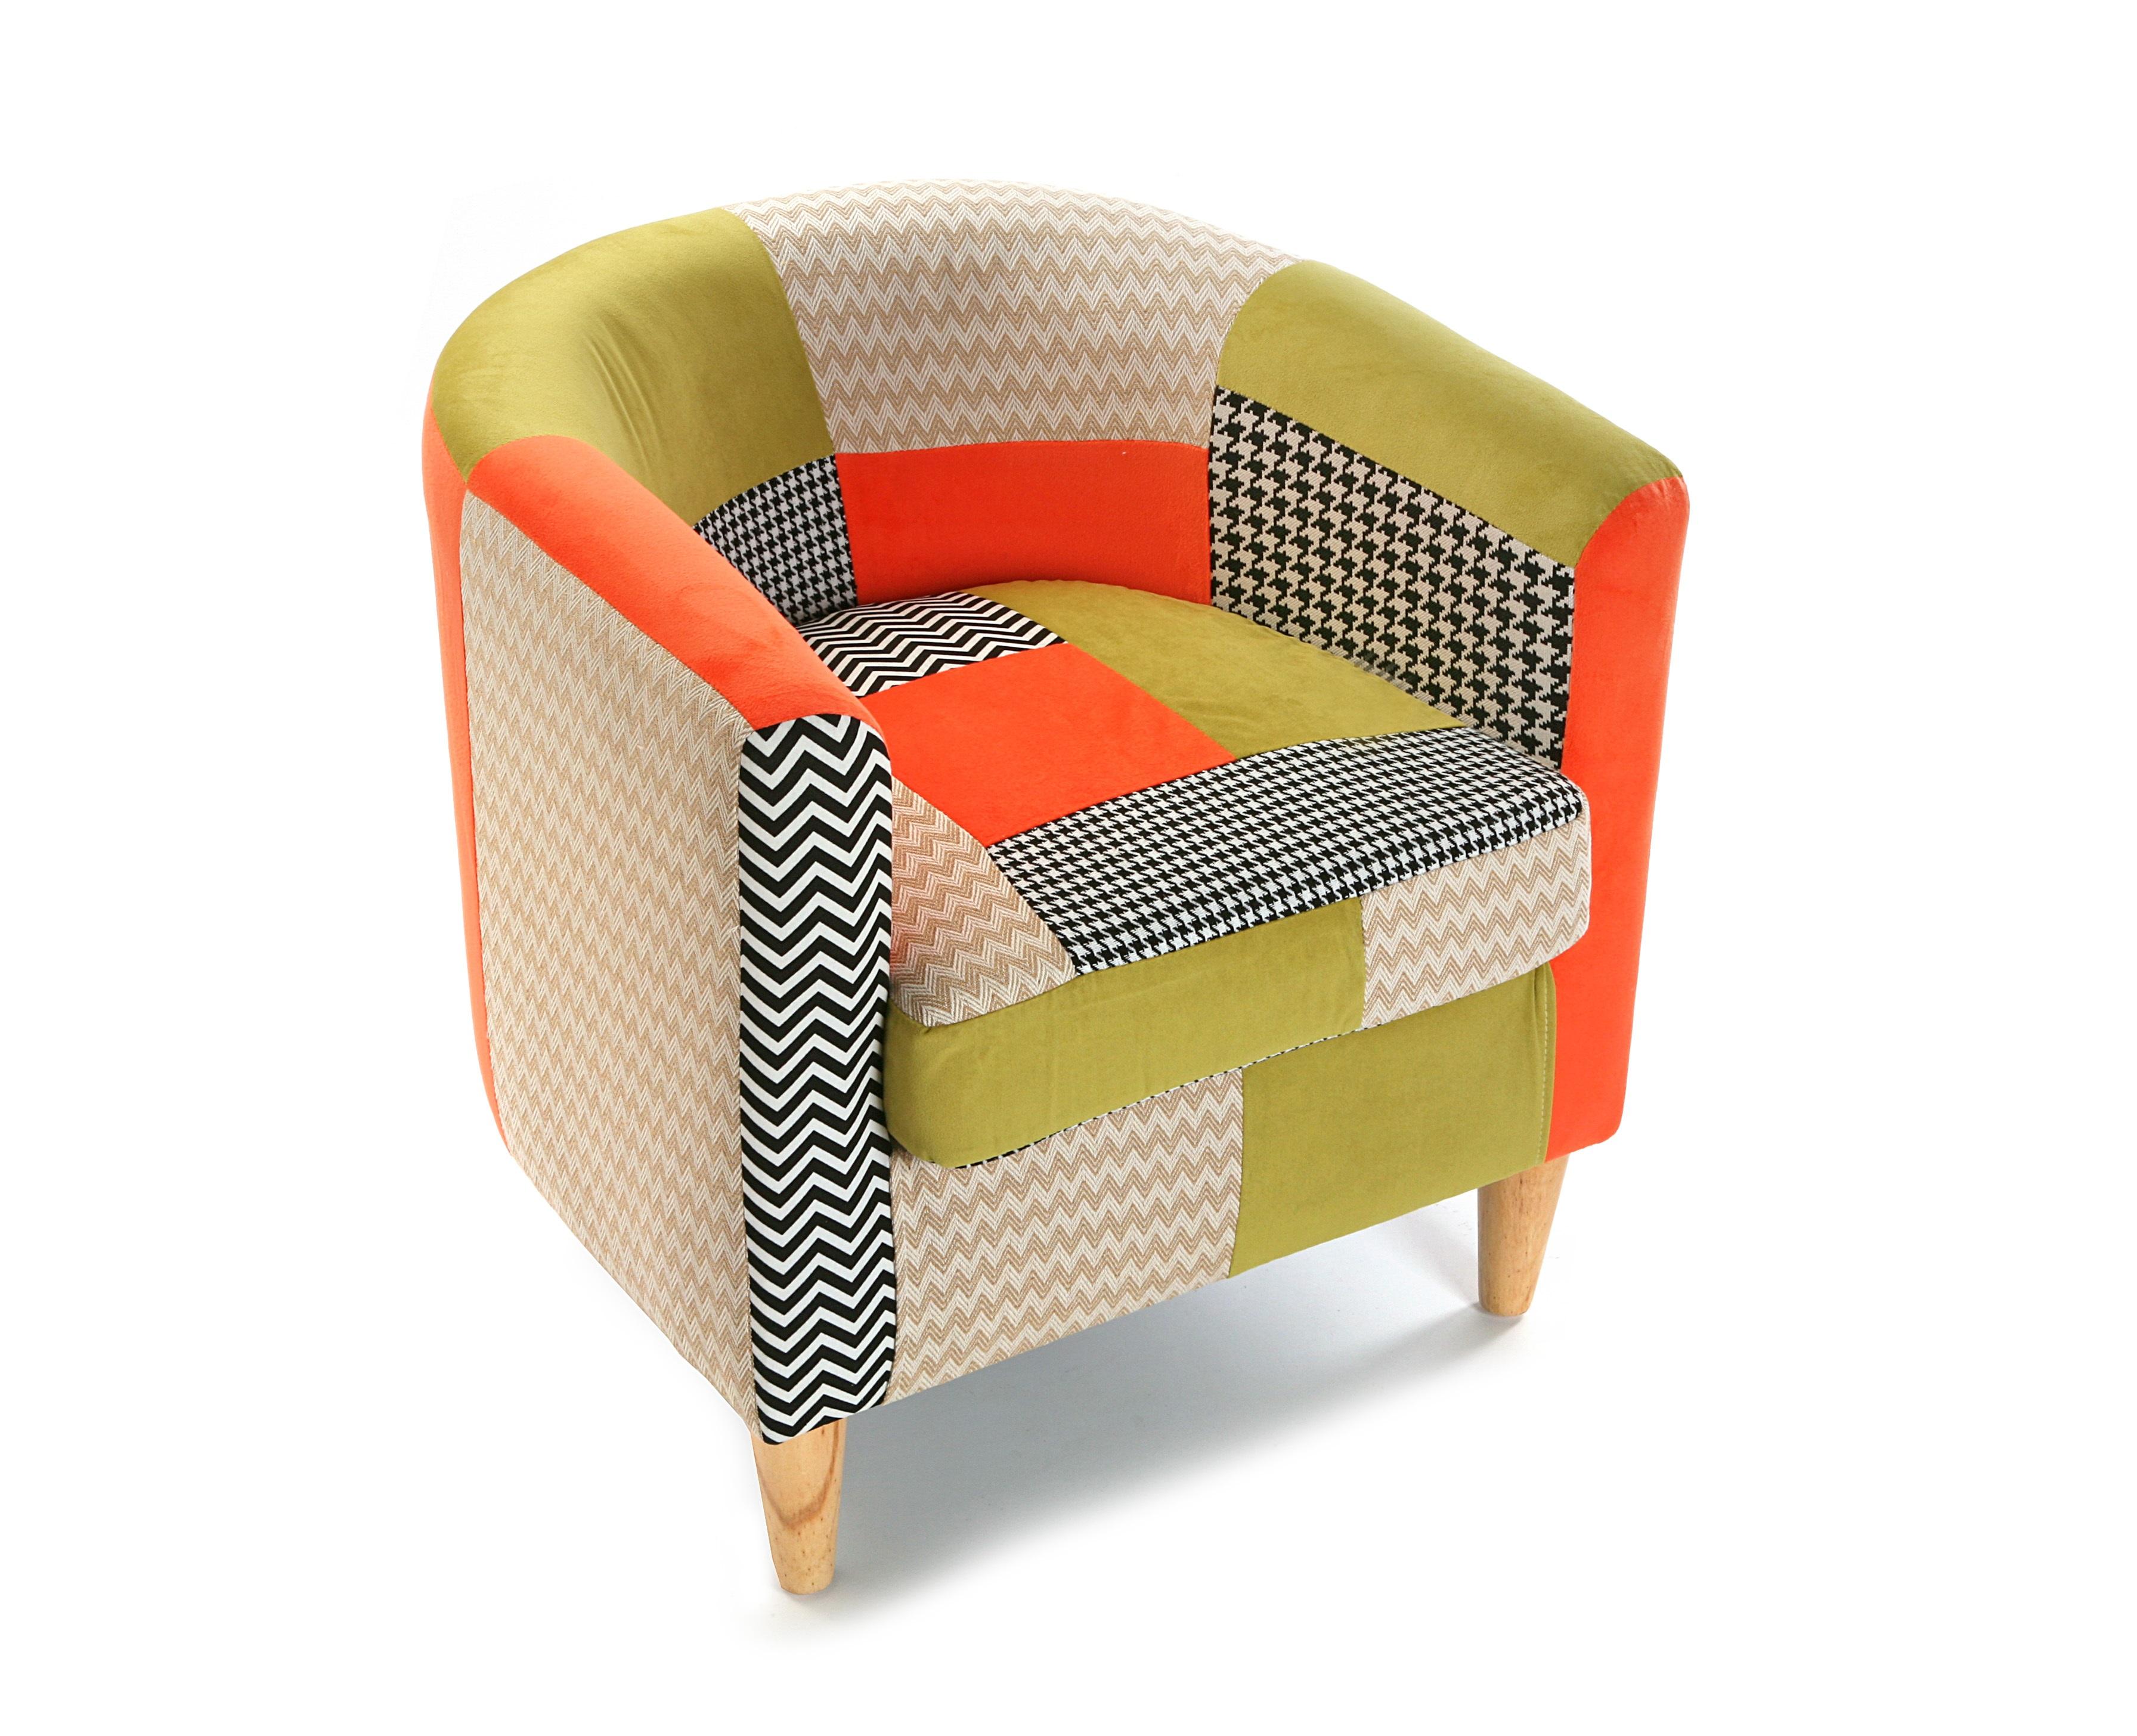 КреслоИнтерьерные кресла<br><br><br>Material: Текстиль<br>Length см: None<br>Width см: 62<br>Depth см: 56<br>Height см: 64